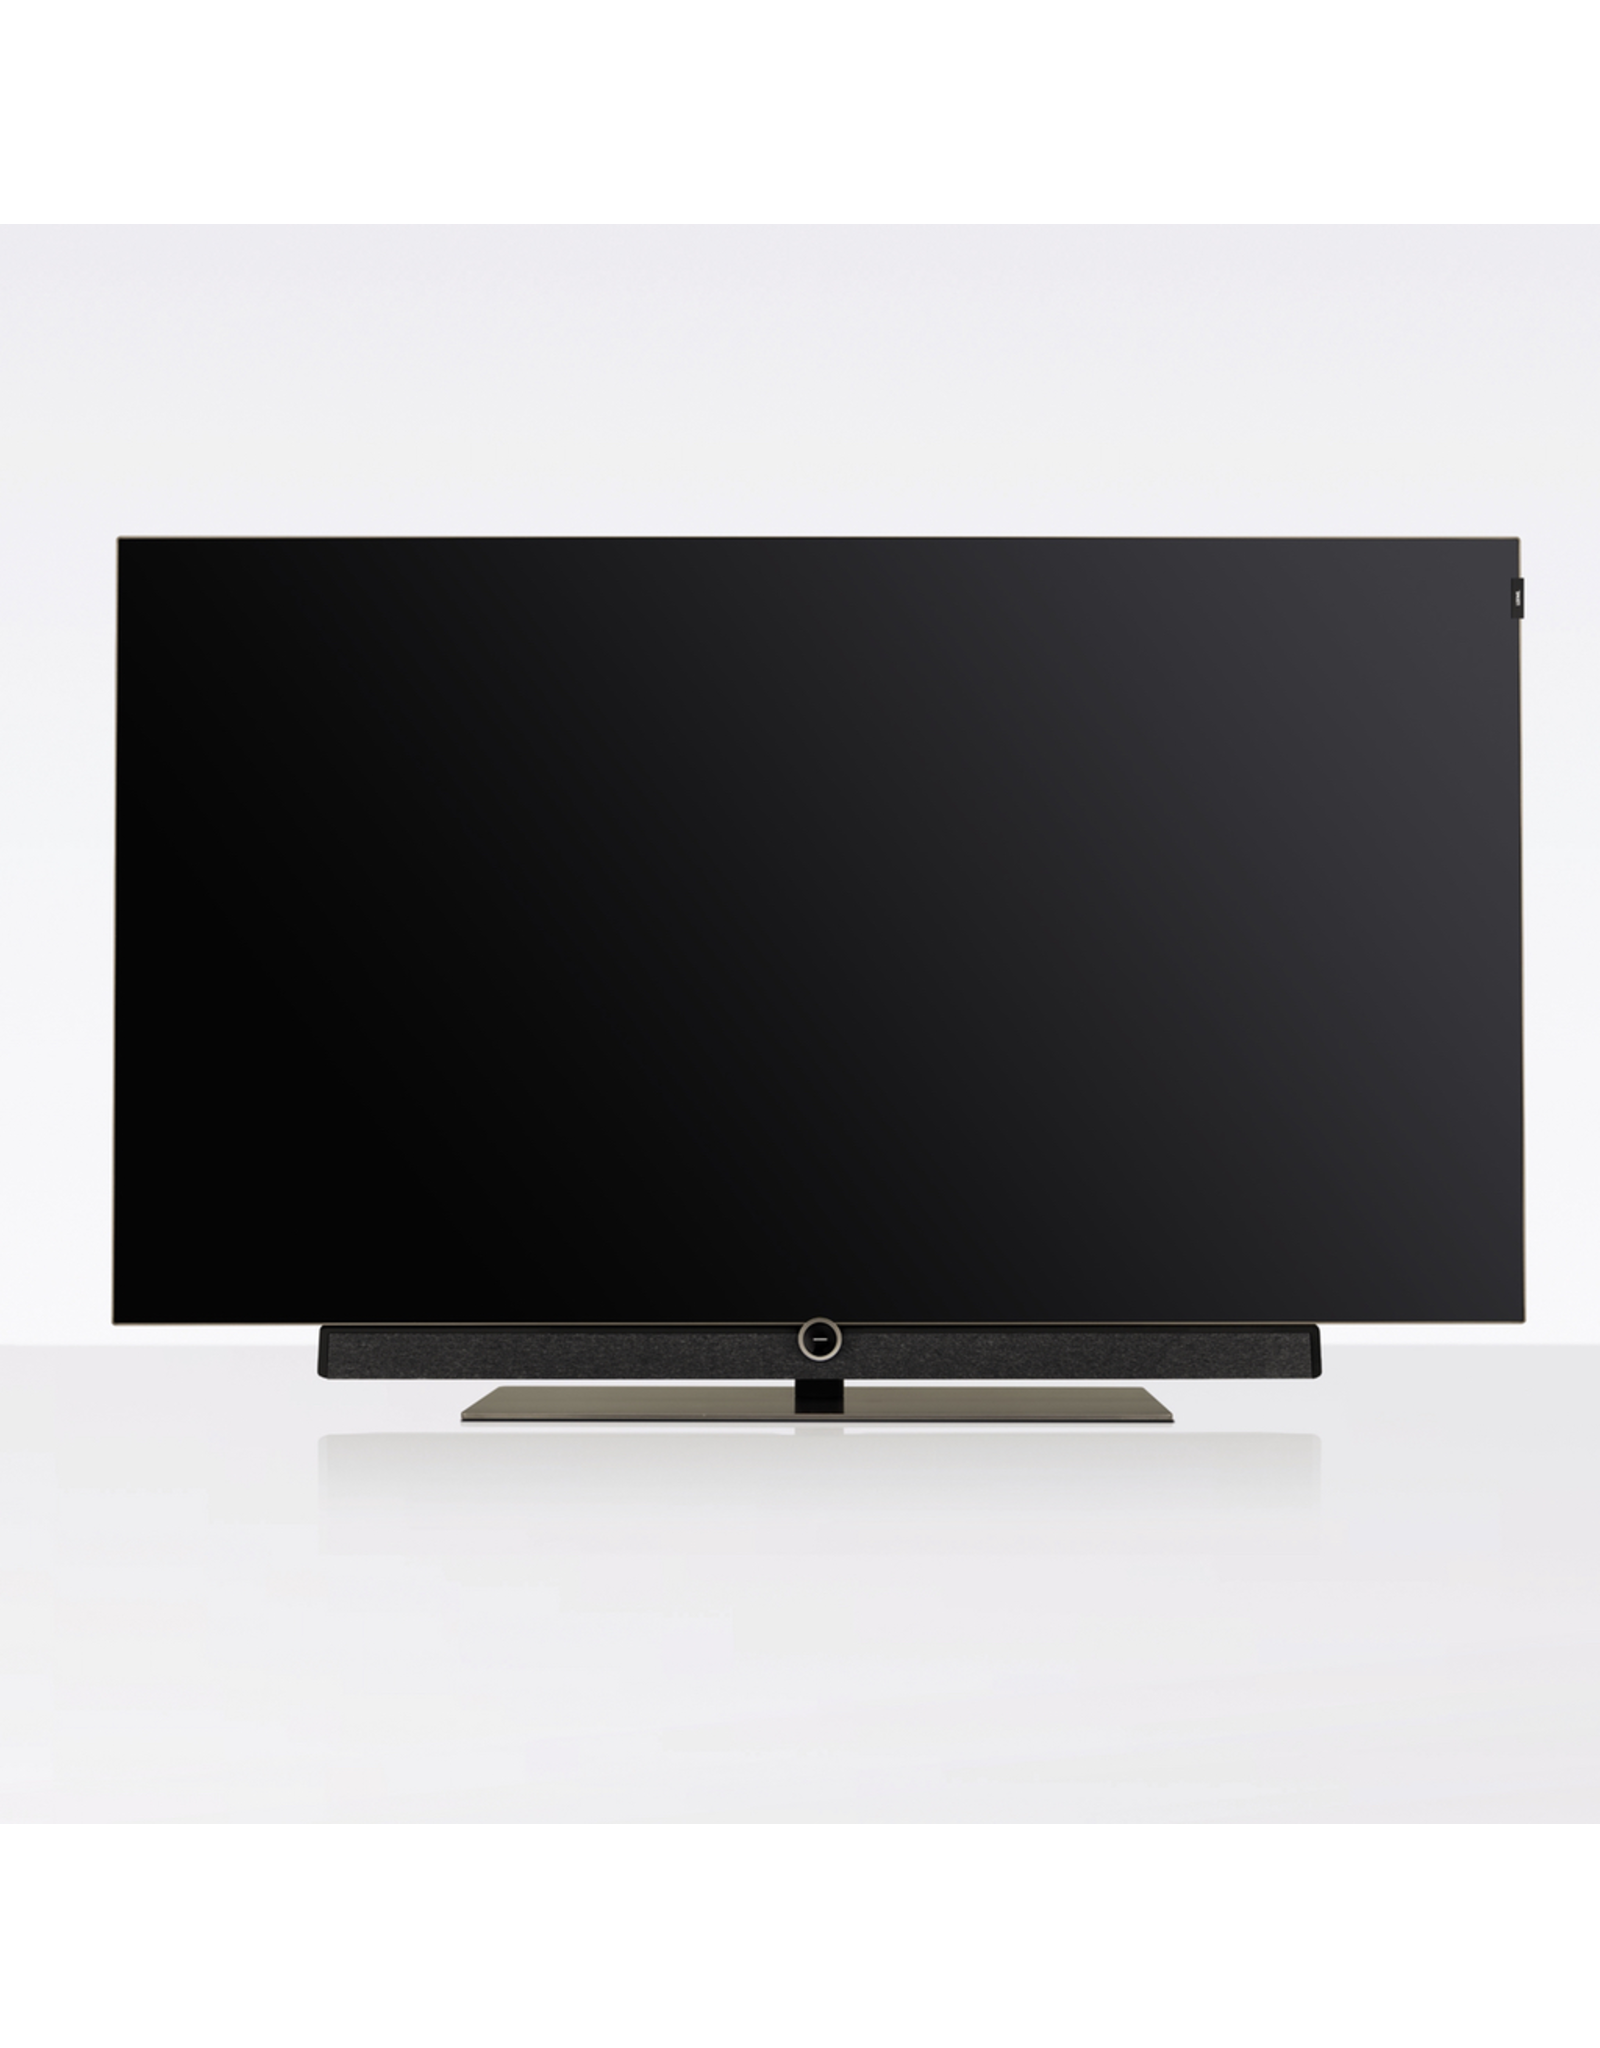 LOEWE LOEWE bild 5.65 DR+ UHD OLED Television